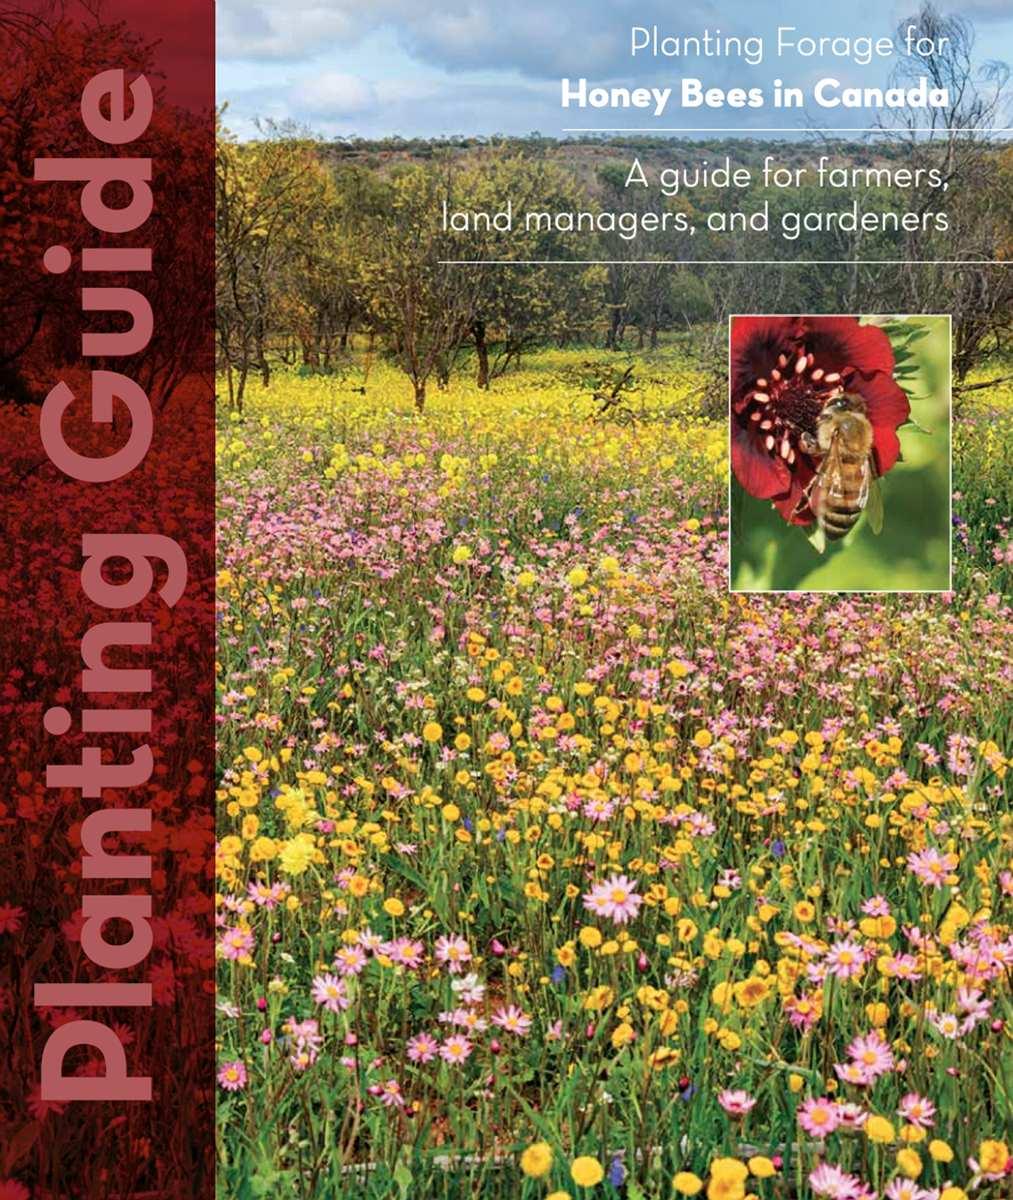 Planting Guides – Forage for Honey Bees – Aménagement d'aires de butinage pour les abeilles